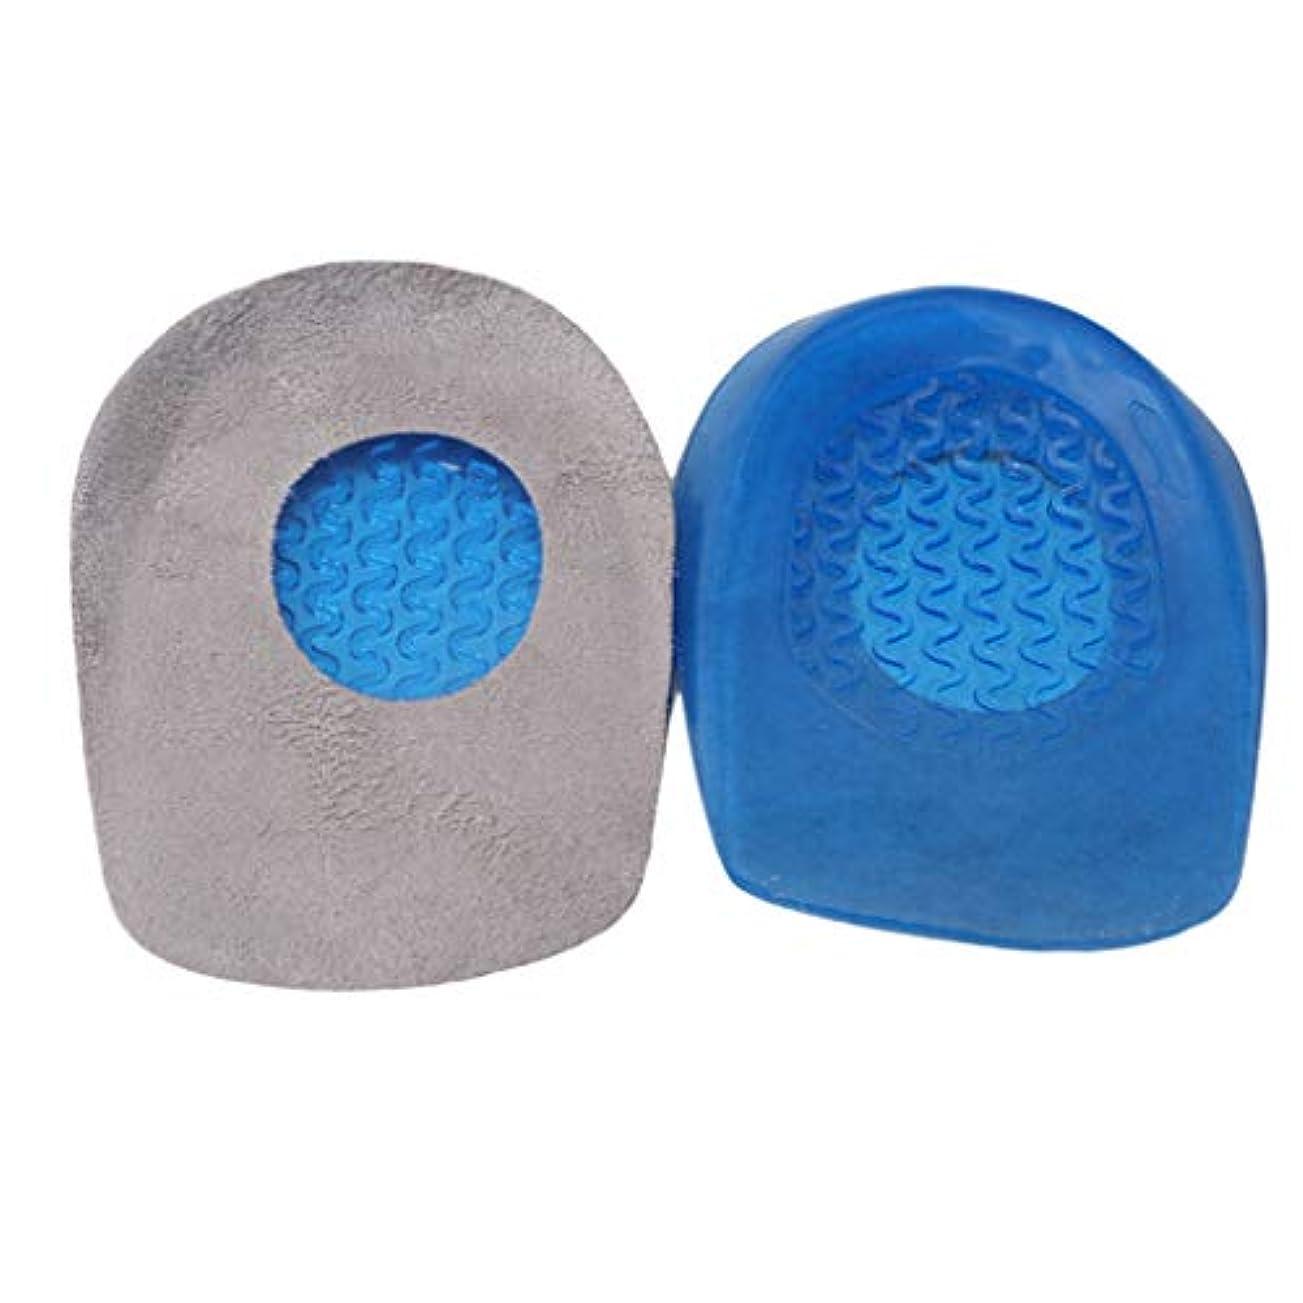 寝てる自由蒸留するKISSFRIDAY 足底筋膜炎インサート かかと中敷き ヒールカップ ゲル ヒールパッド クッション ヒールインサート 踵の痛みに最適 アキレス腱炎 男女兼用